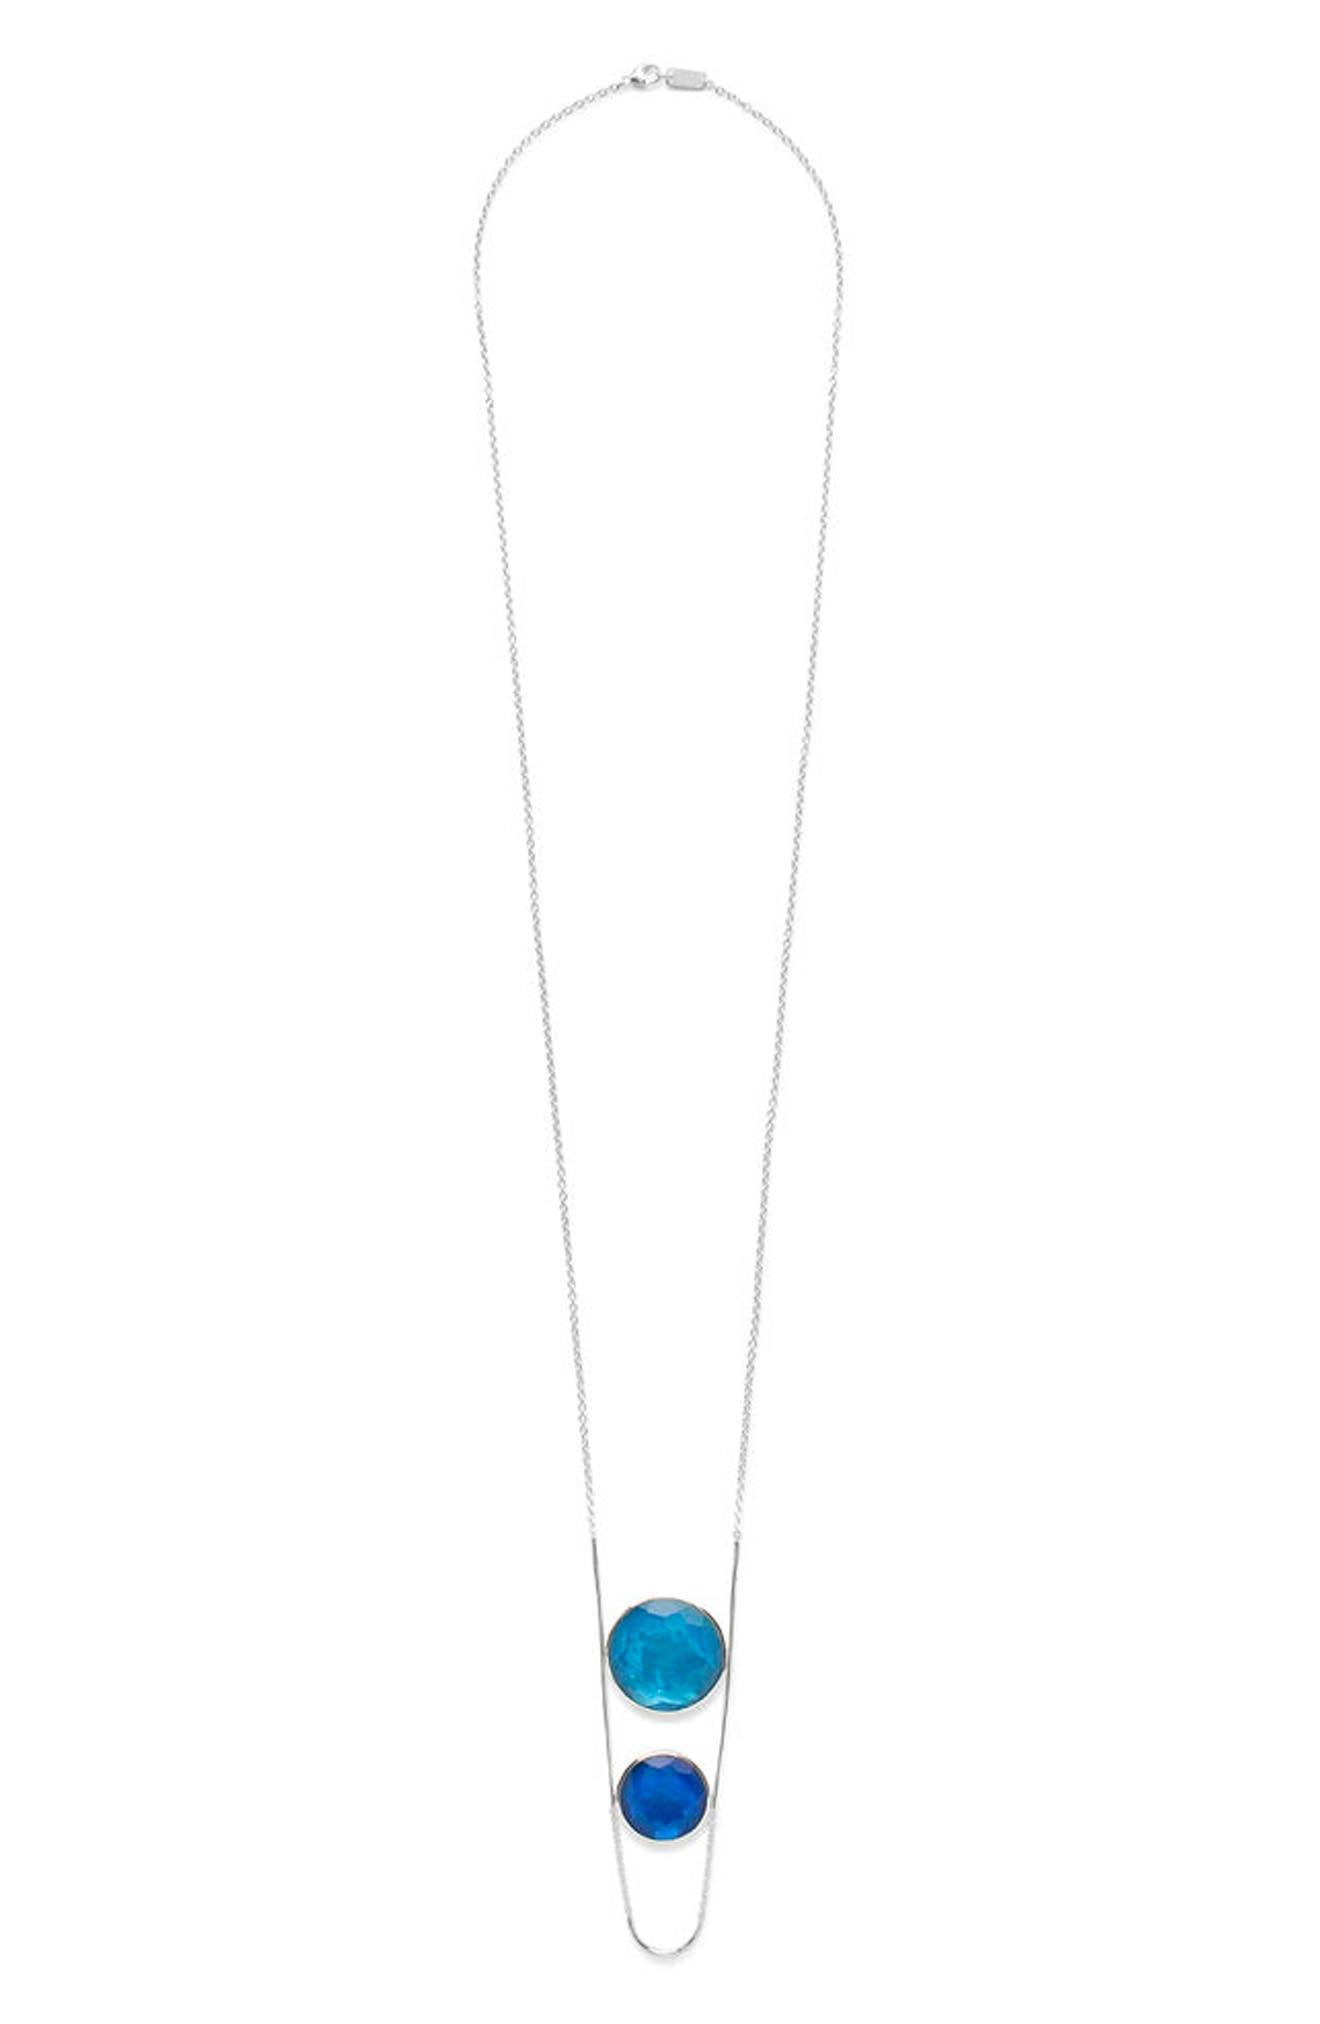 Wonderland Pendant Necklace,                         Main,                         color, BLUE